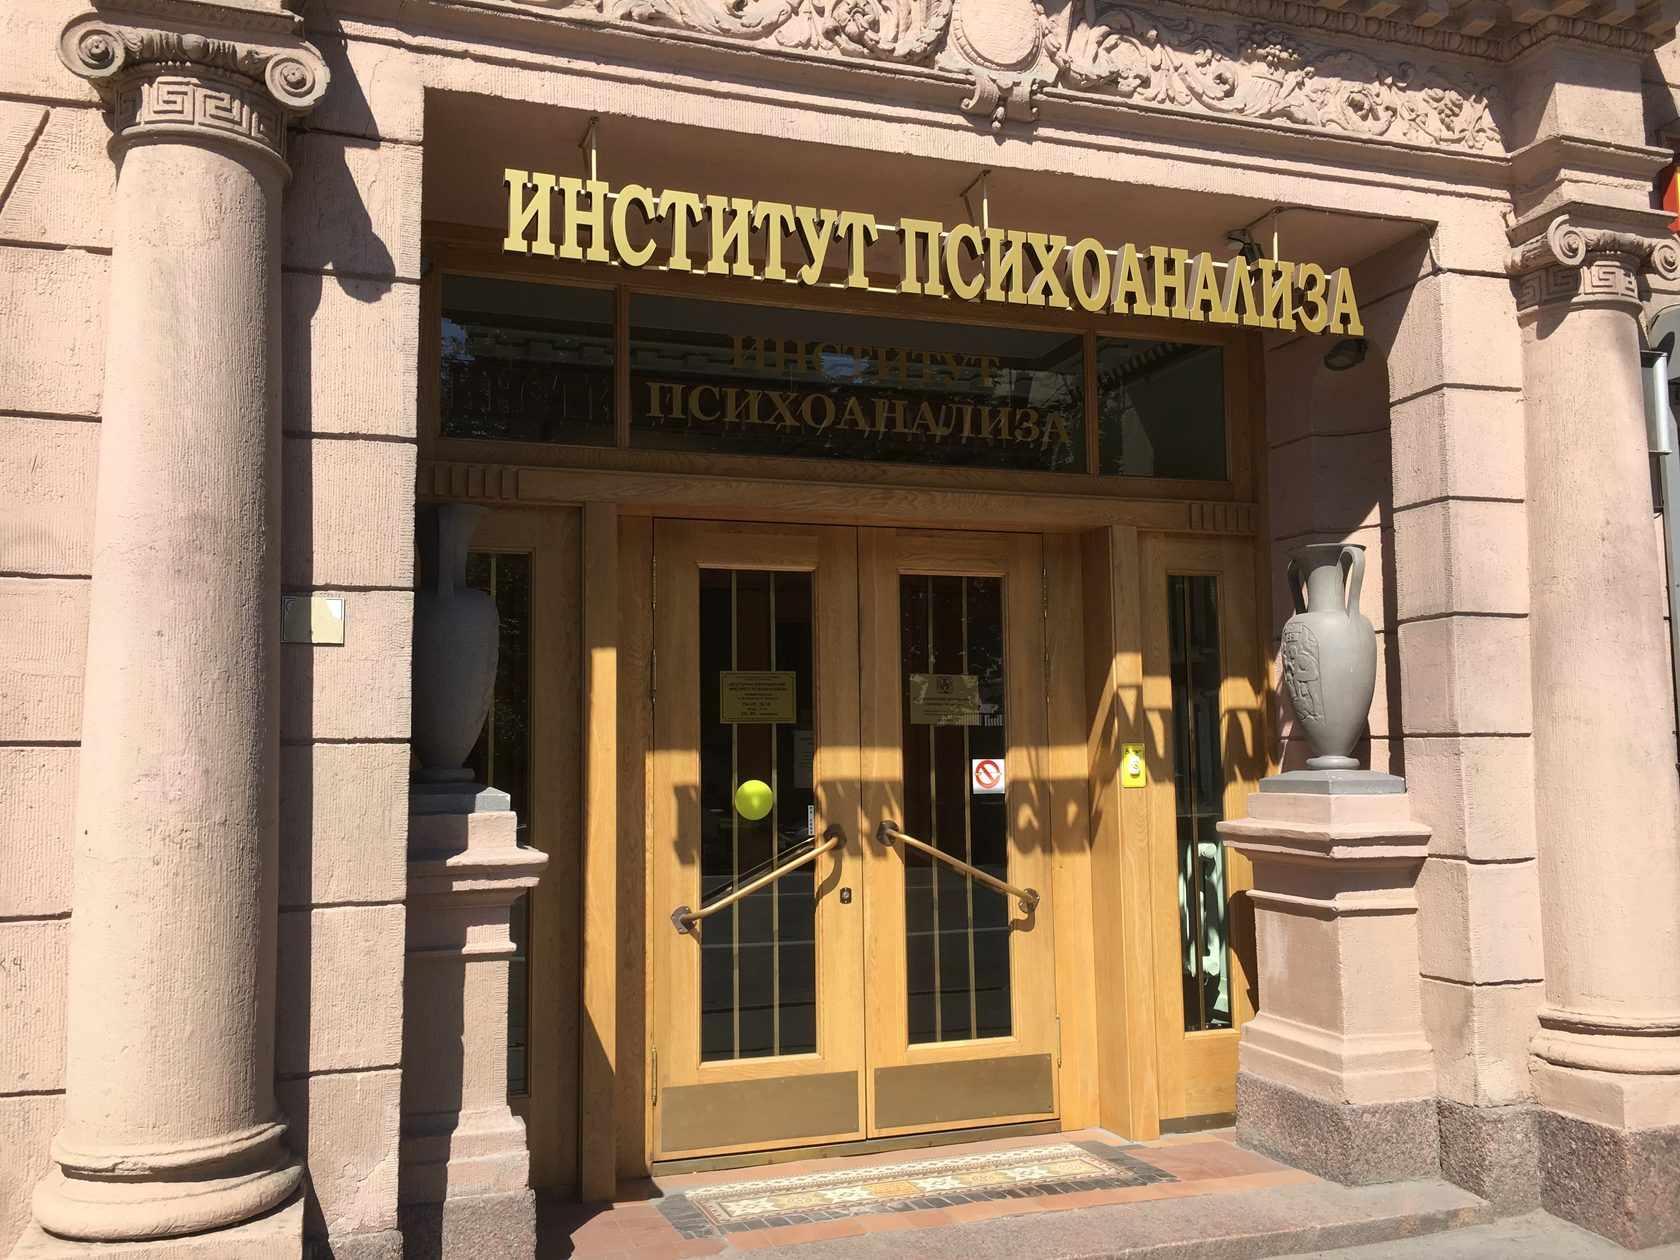 Восточно Европейский институт психоанализа